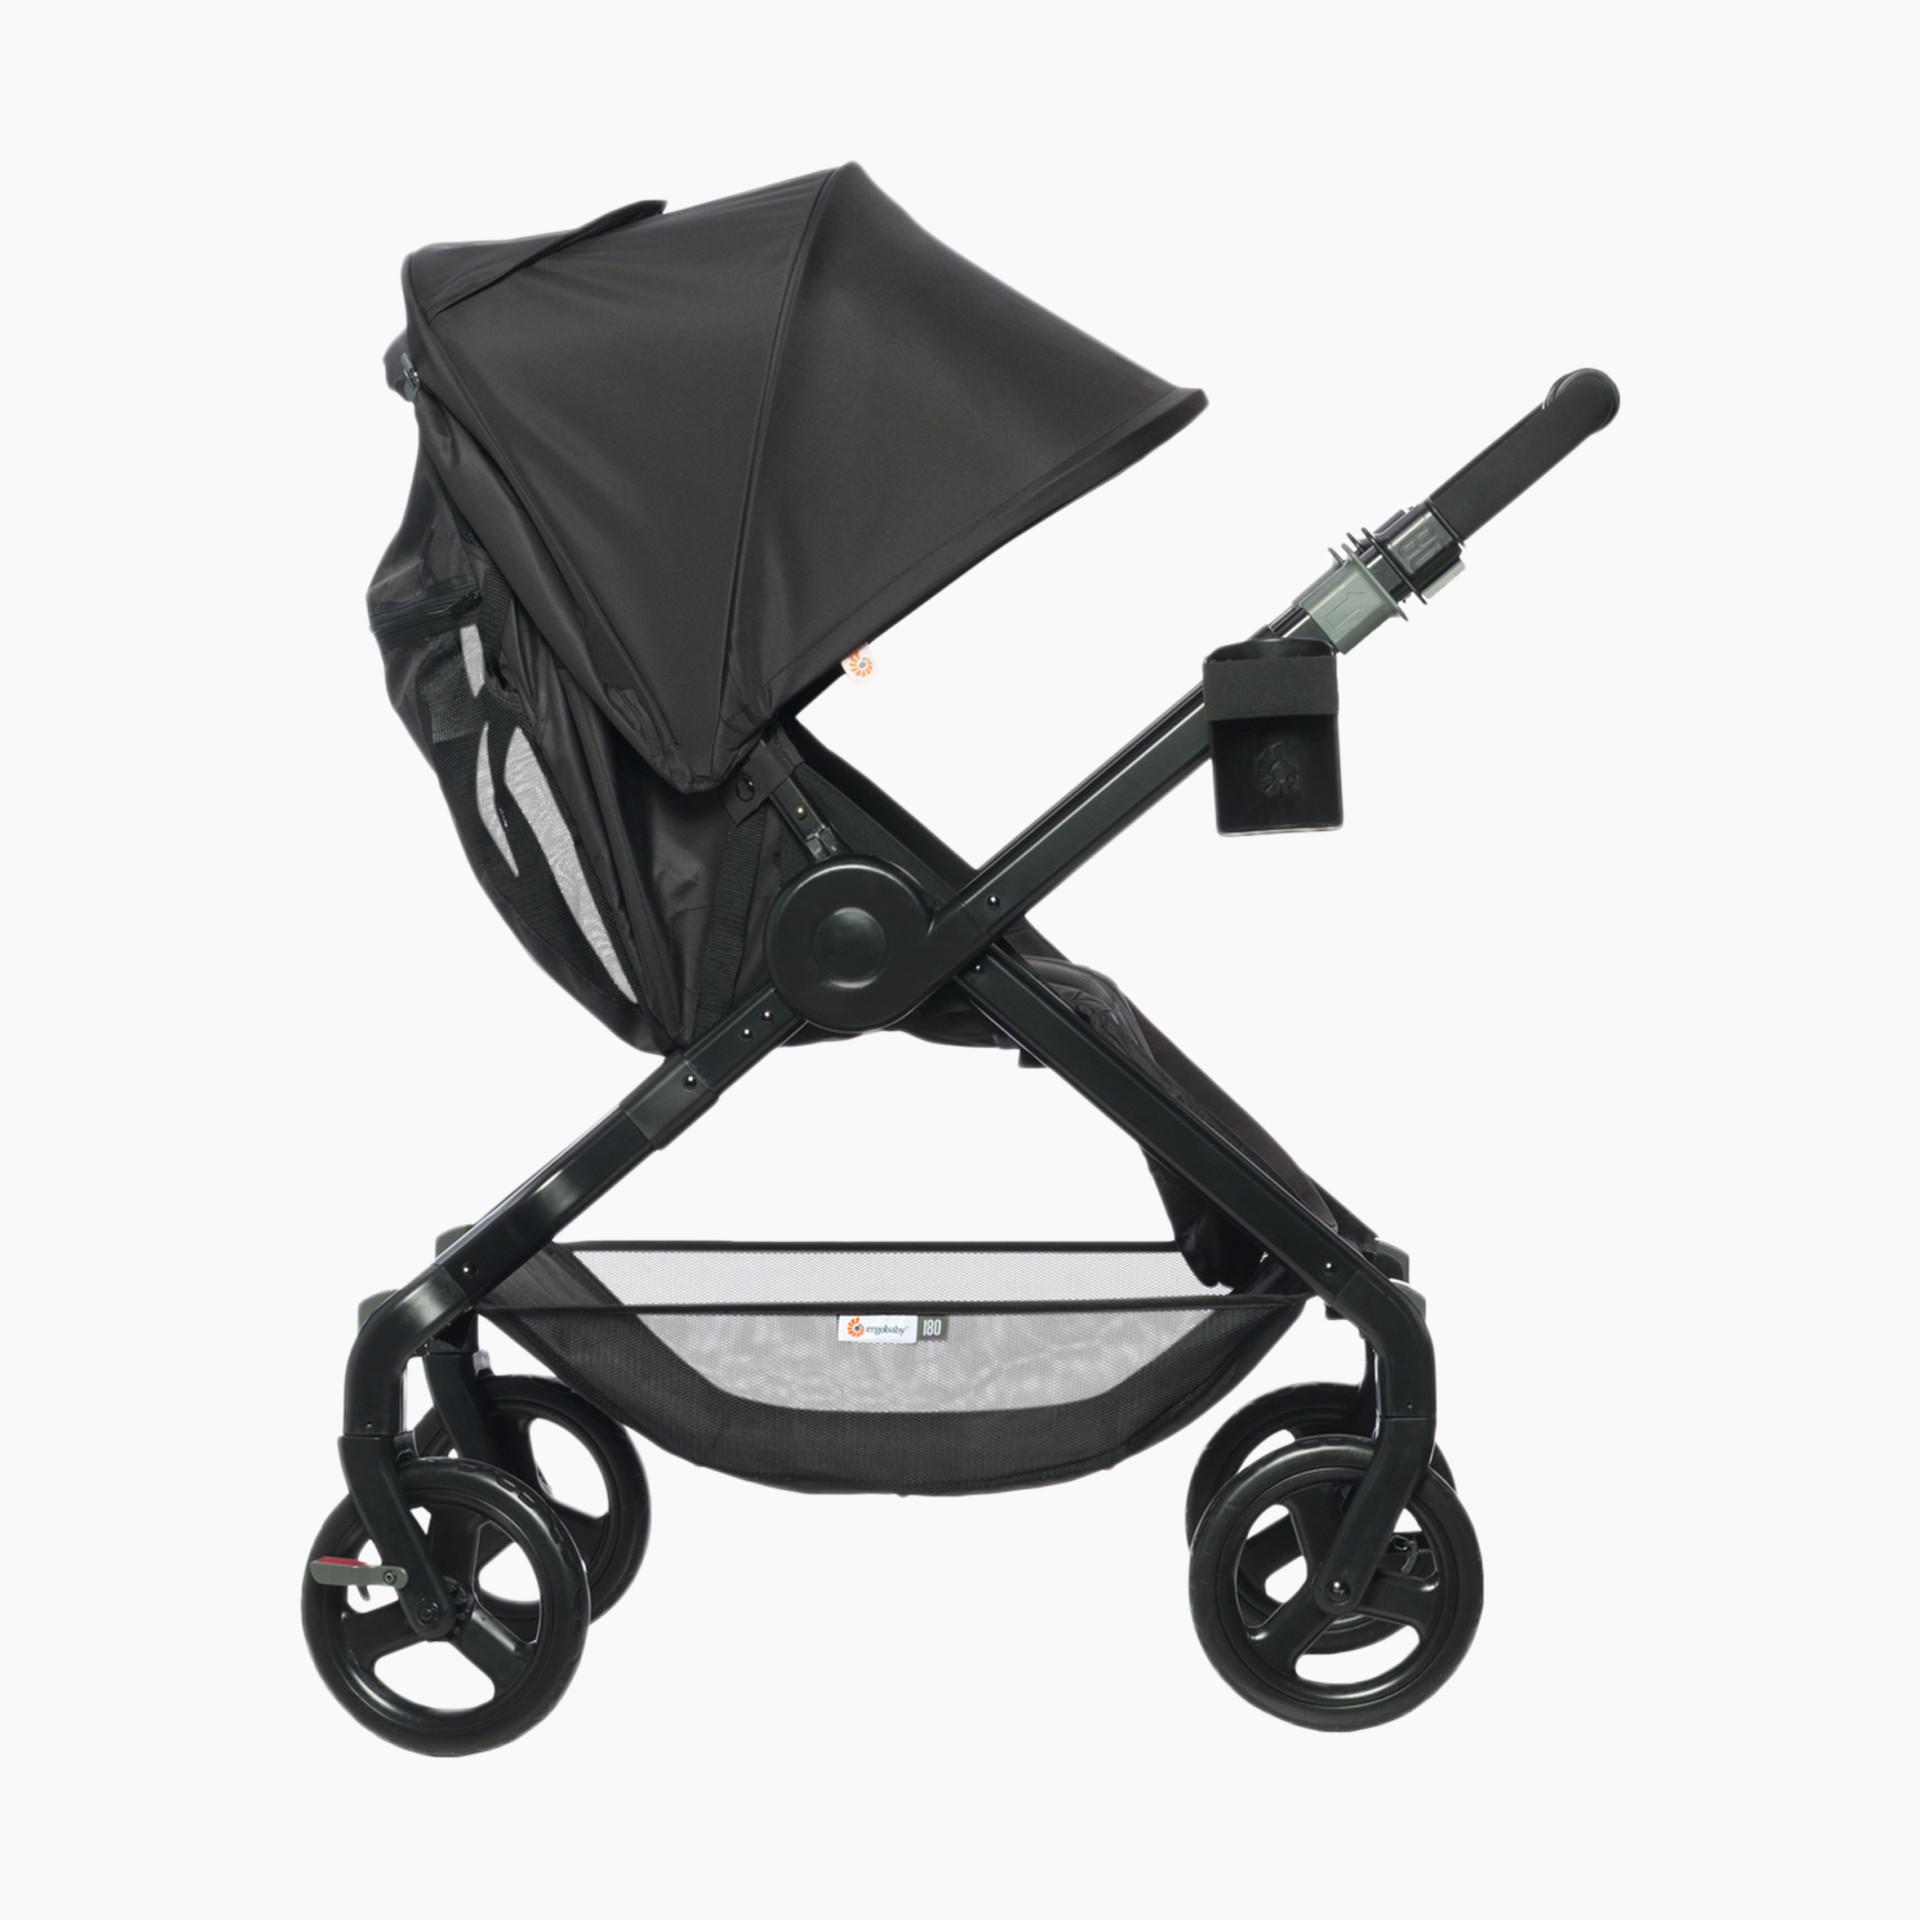 9e229882d086 Ergobaby 180 Reversible Stroller - Babylist Store